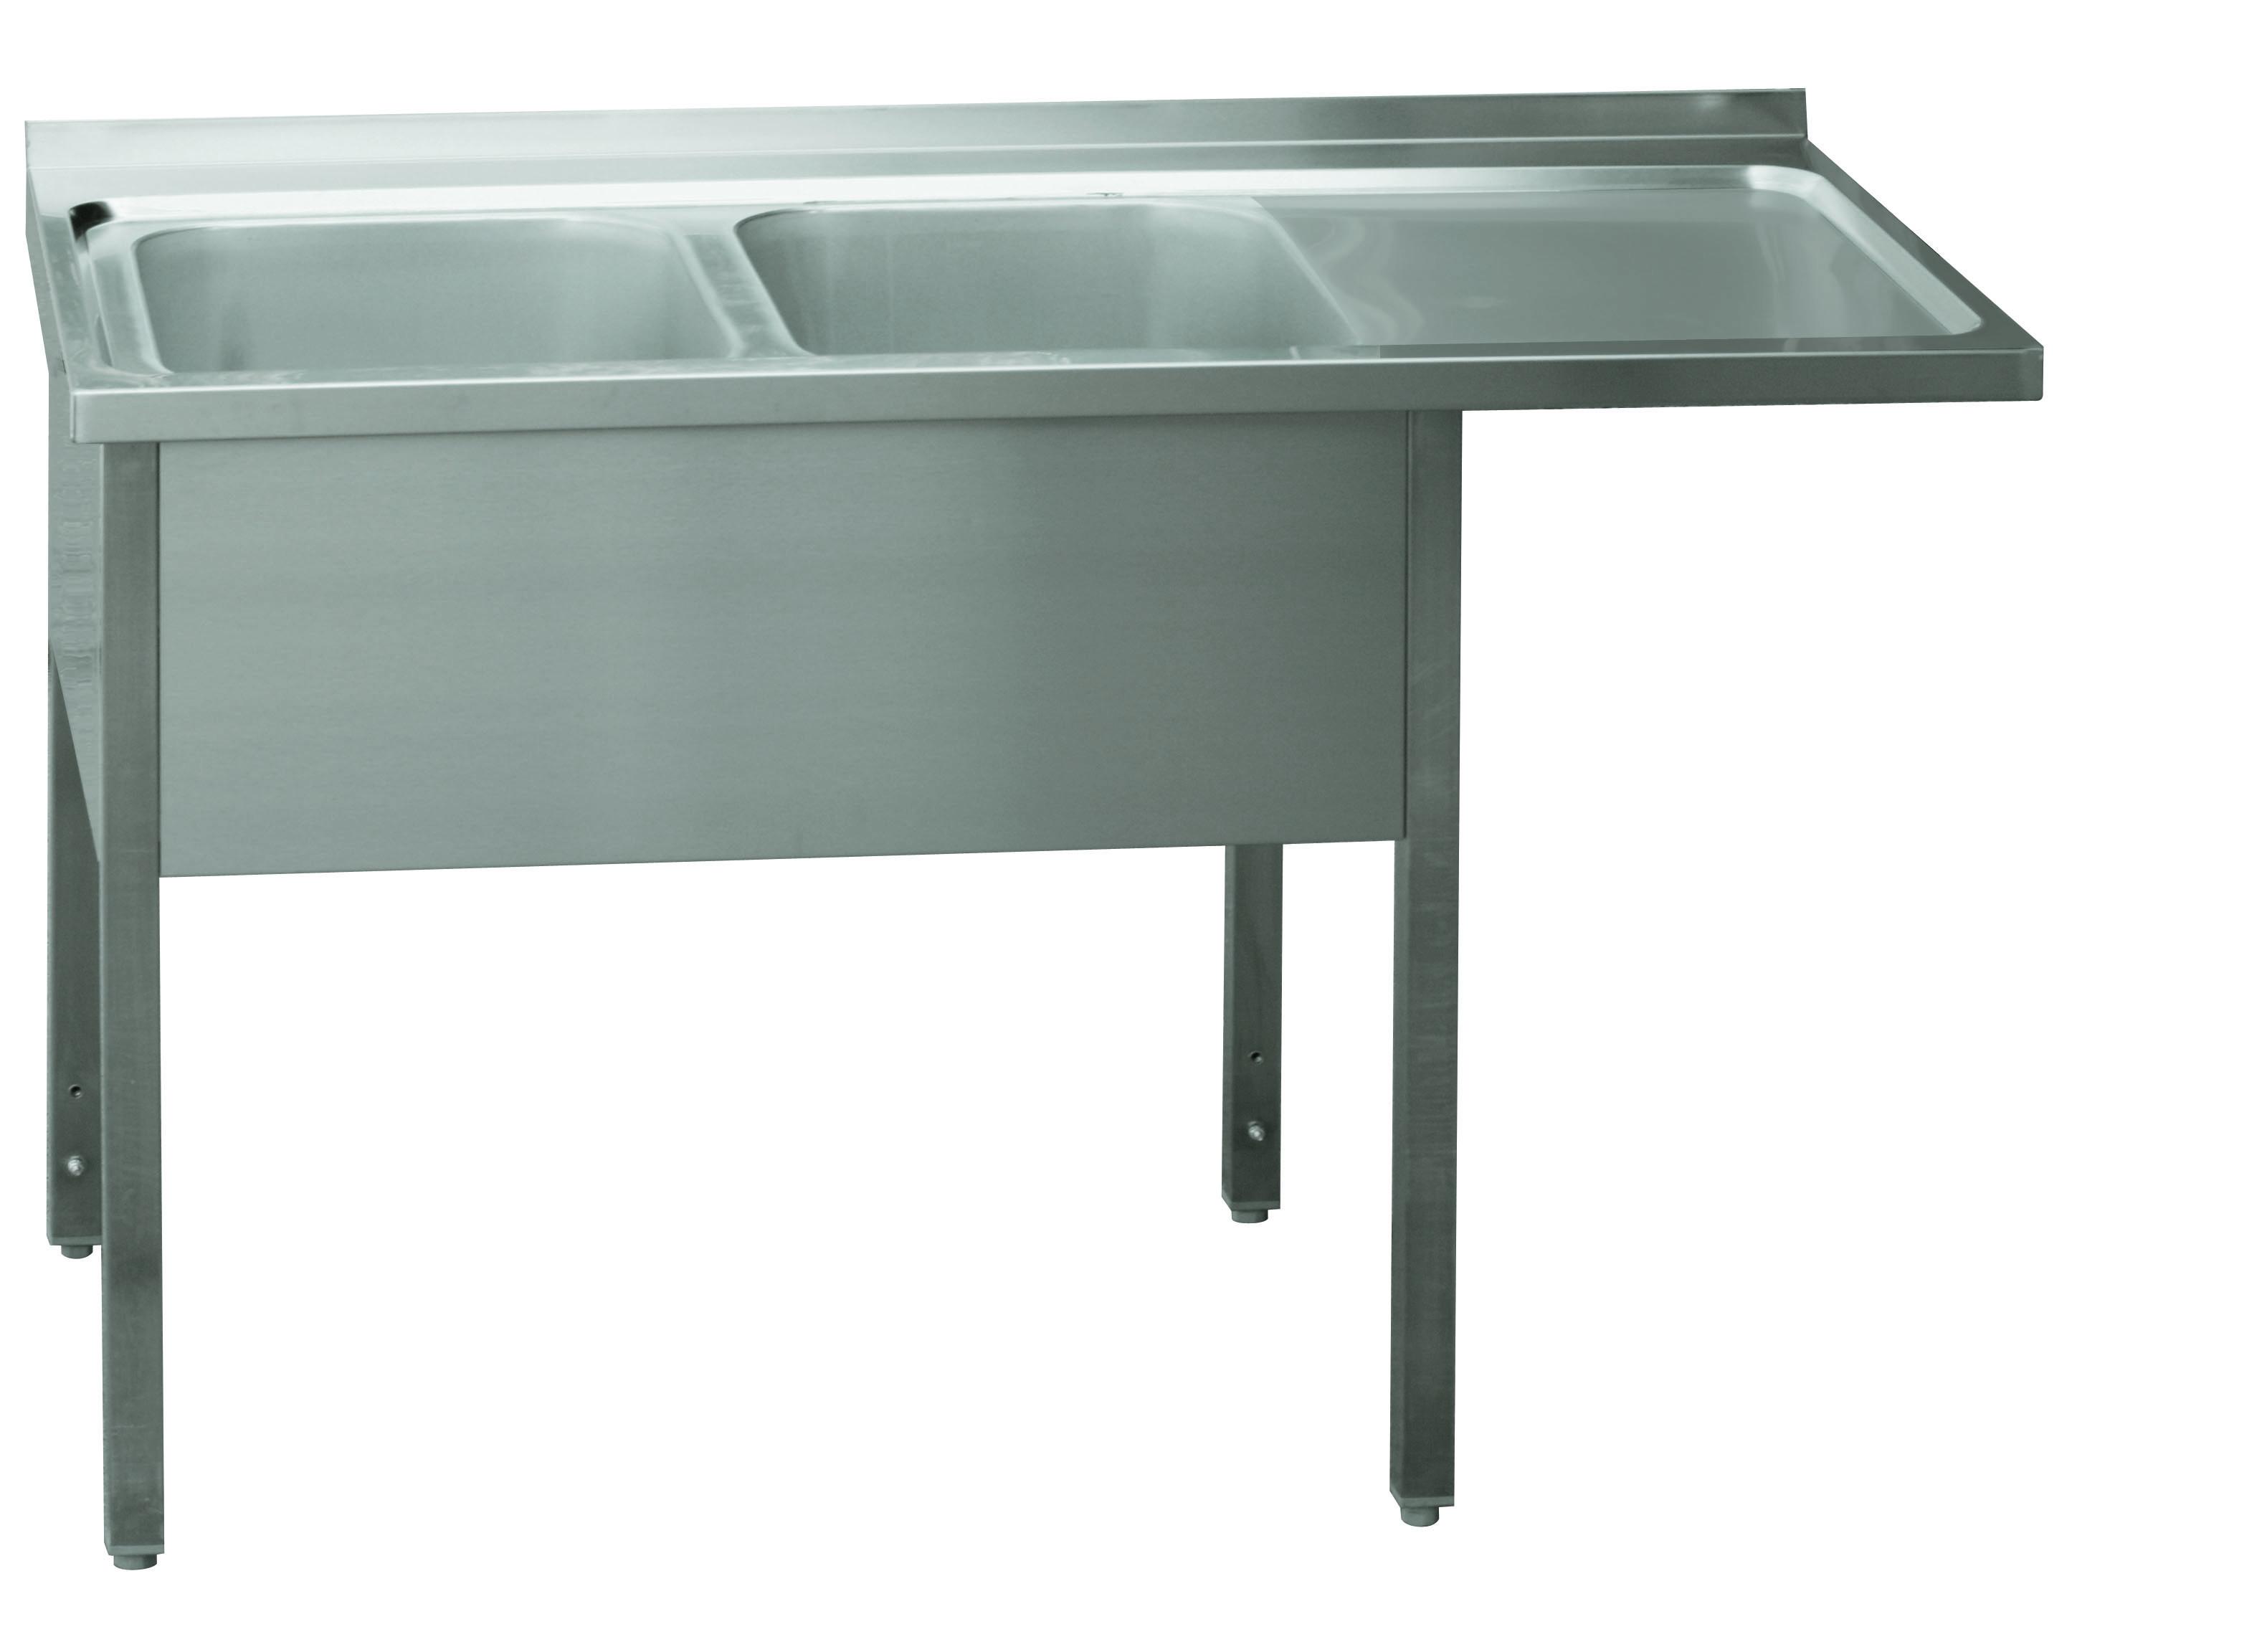 Stůl mycí dvoudřez MSDOP/M 190x70x90 REDFOX